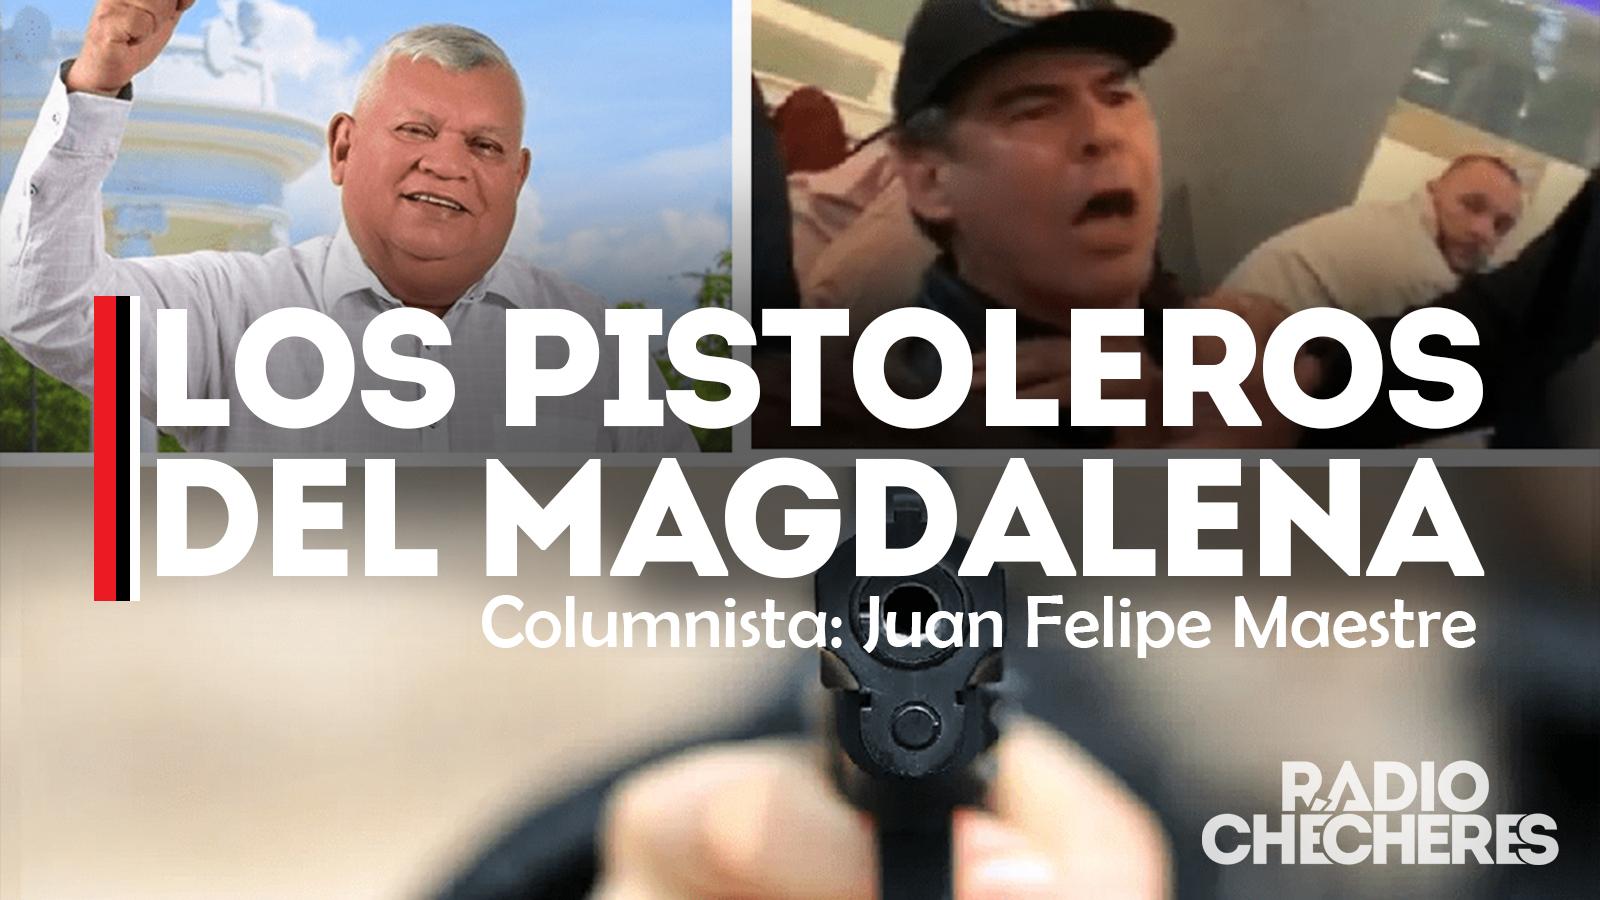 Los Pistoleros del Magadalena